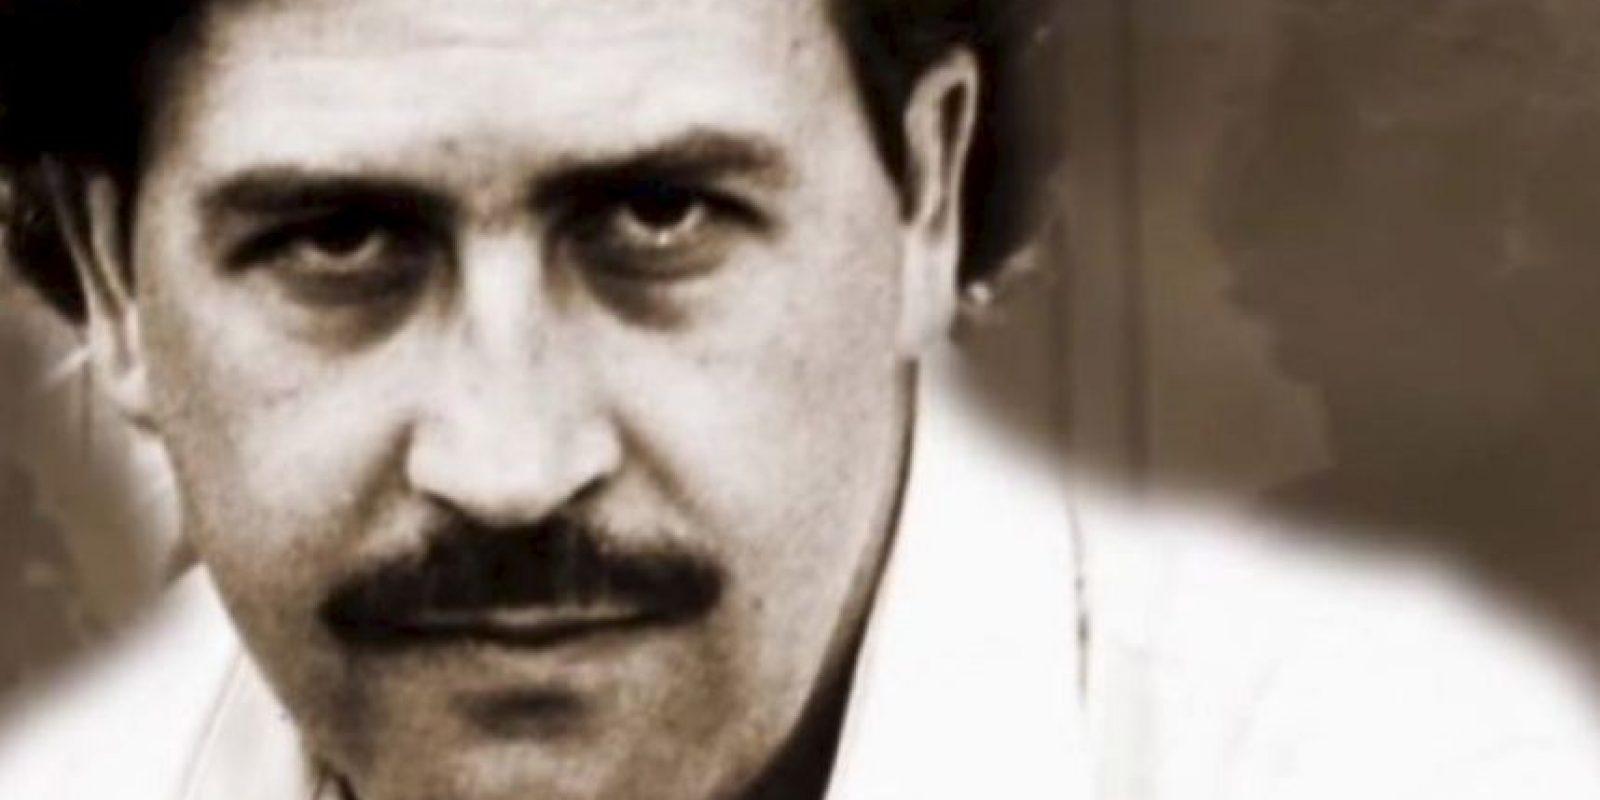 Llegó a aparecer en la lista de los hombres más ricos del mundo. Y comenzó a matar a estamentos claves dentro de la vida política y pública de Colombia, para reafirmar su poder. Foto:vía Getty Images. Imagen Por: